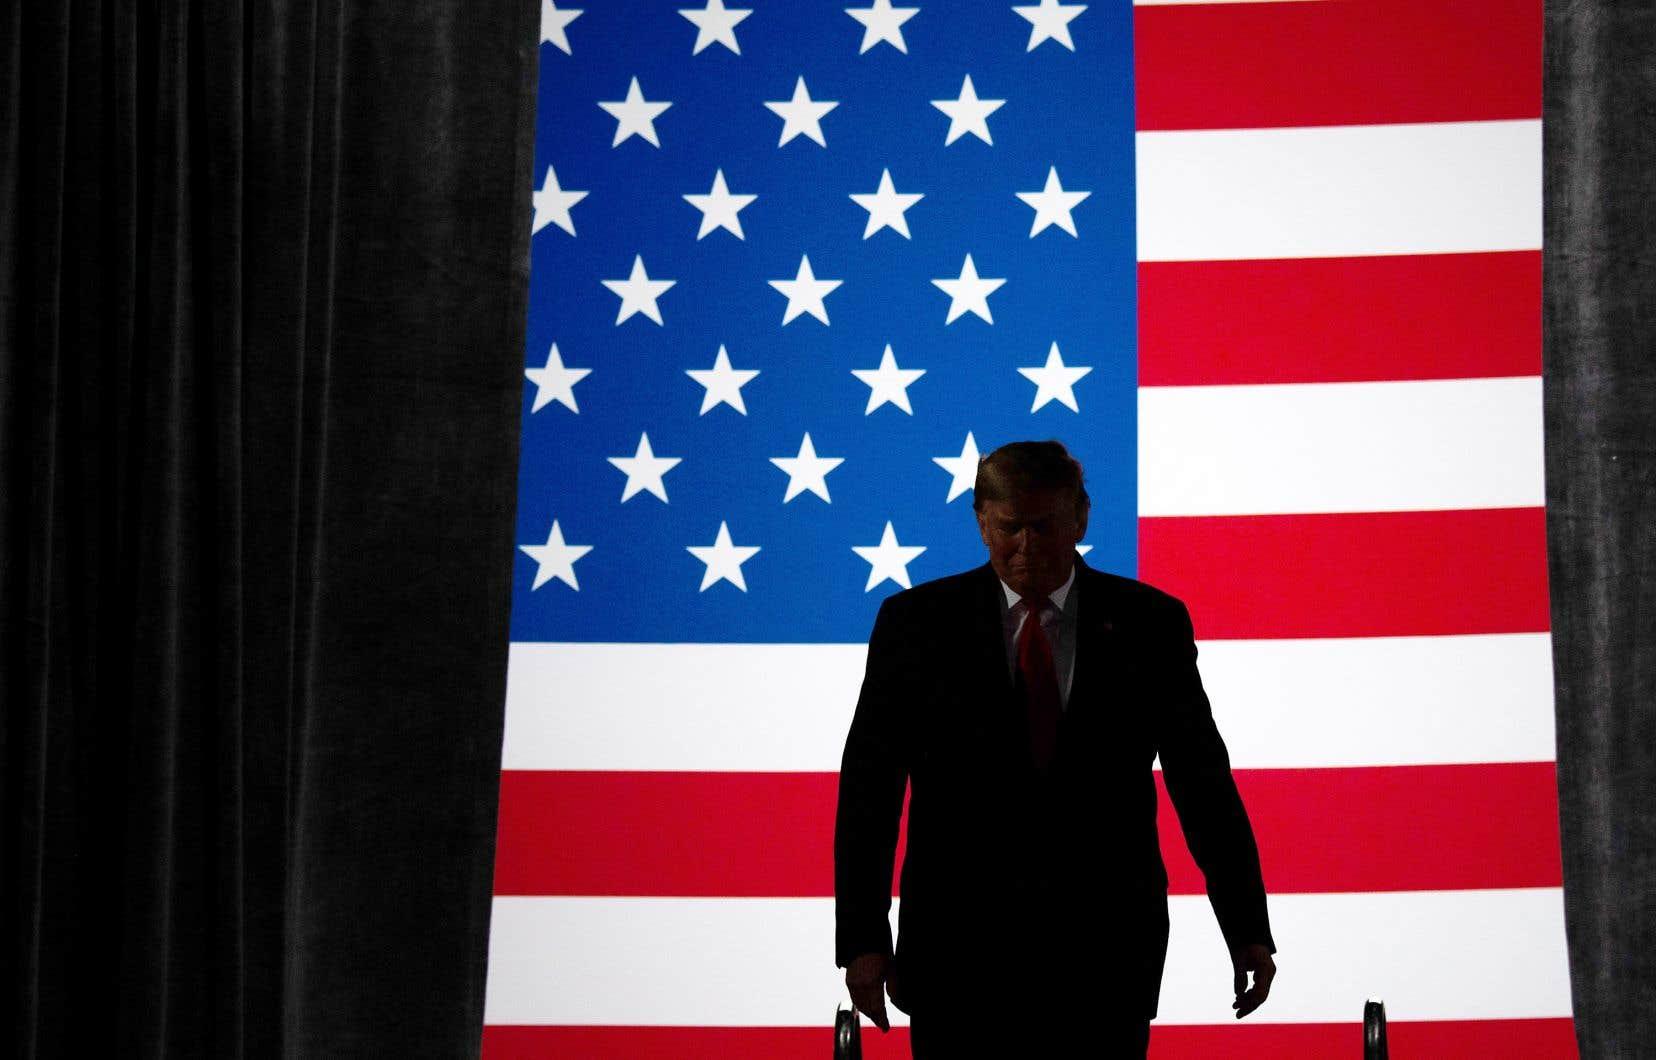 La fin des hostilités devrait stimuler l'économie américaine, un atout pour la campagne de réélection de Donald Trump.